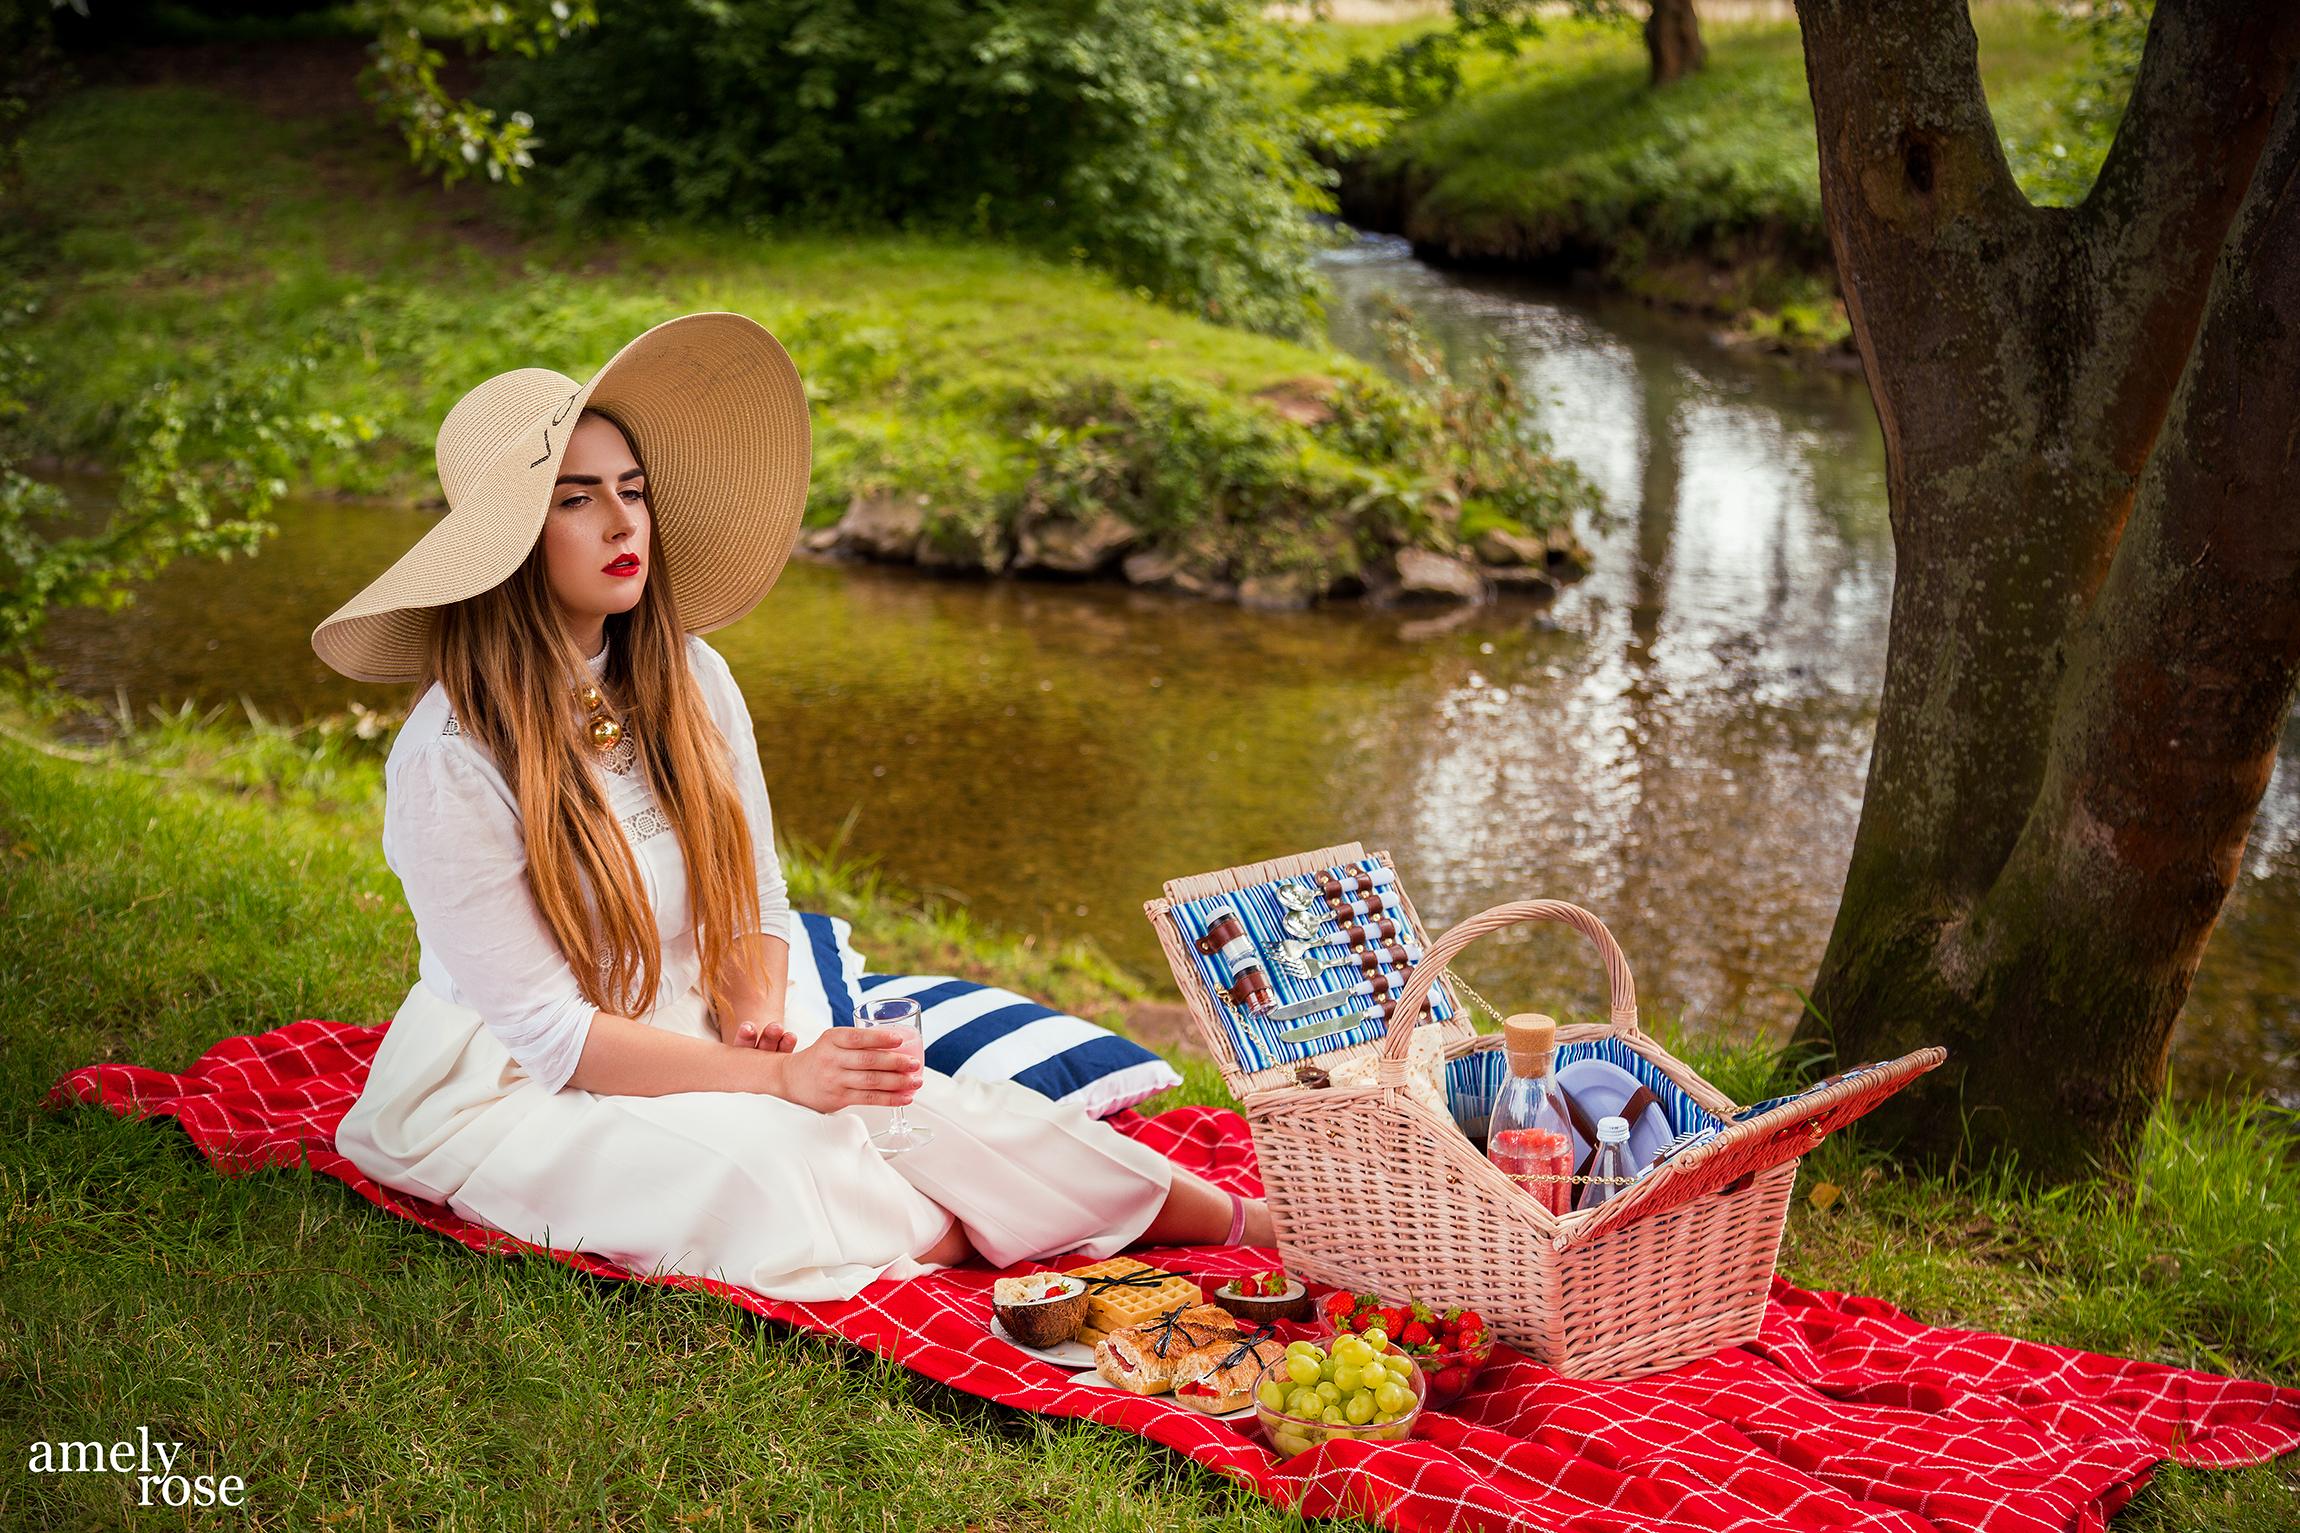 Amely Rose, german influencer und fashion blogger, picknickt in der schönen eifel im grünen mit leichten, sommerlichen rezepten.